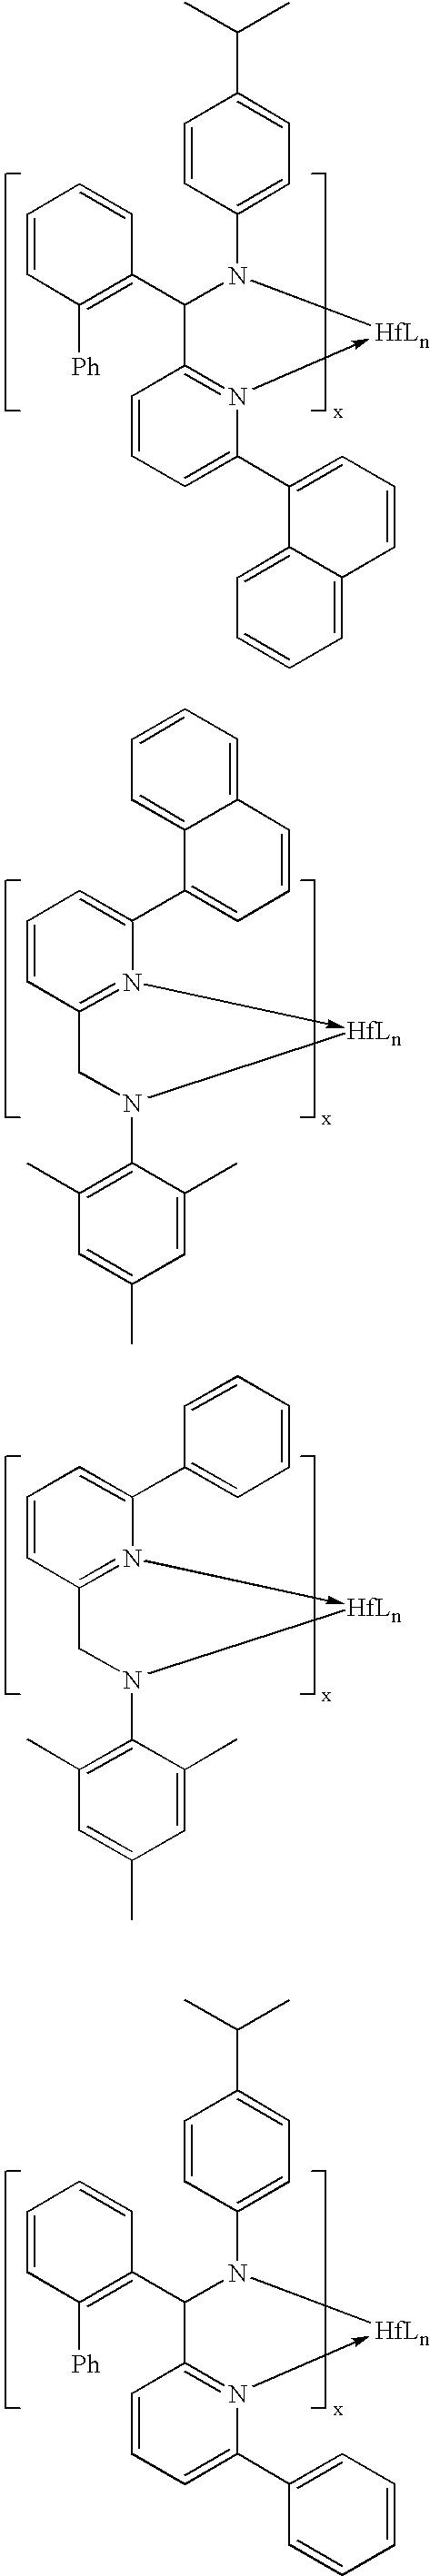 Figure US07250470-20070731-C00014